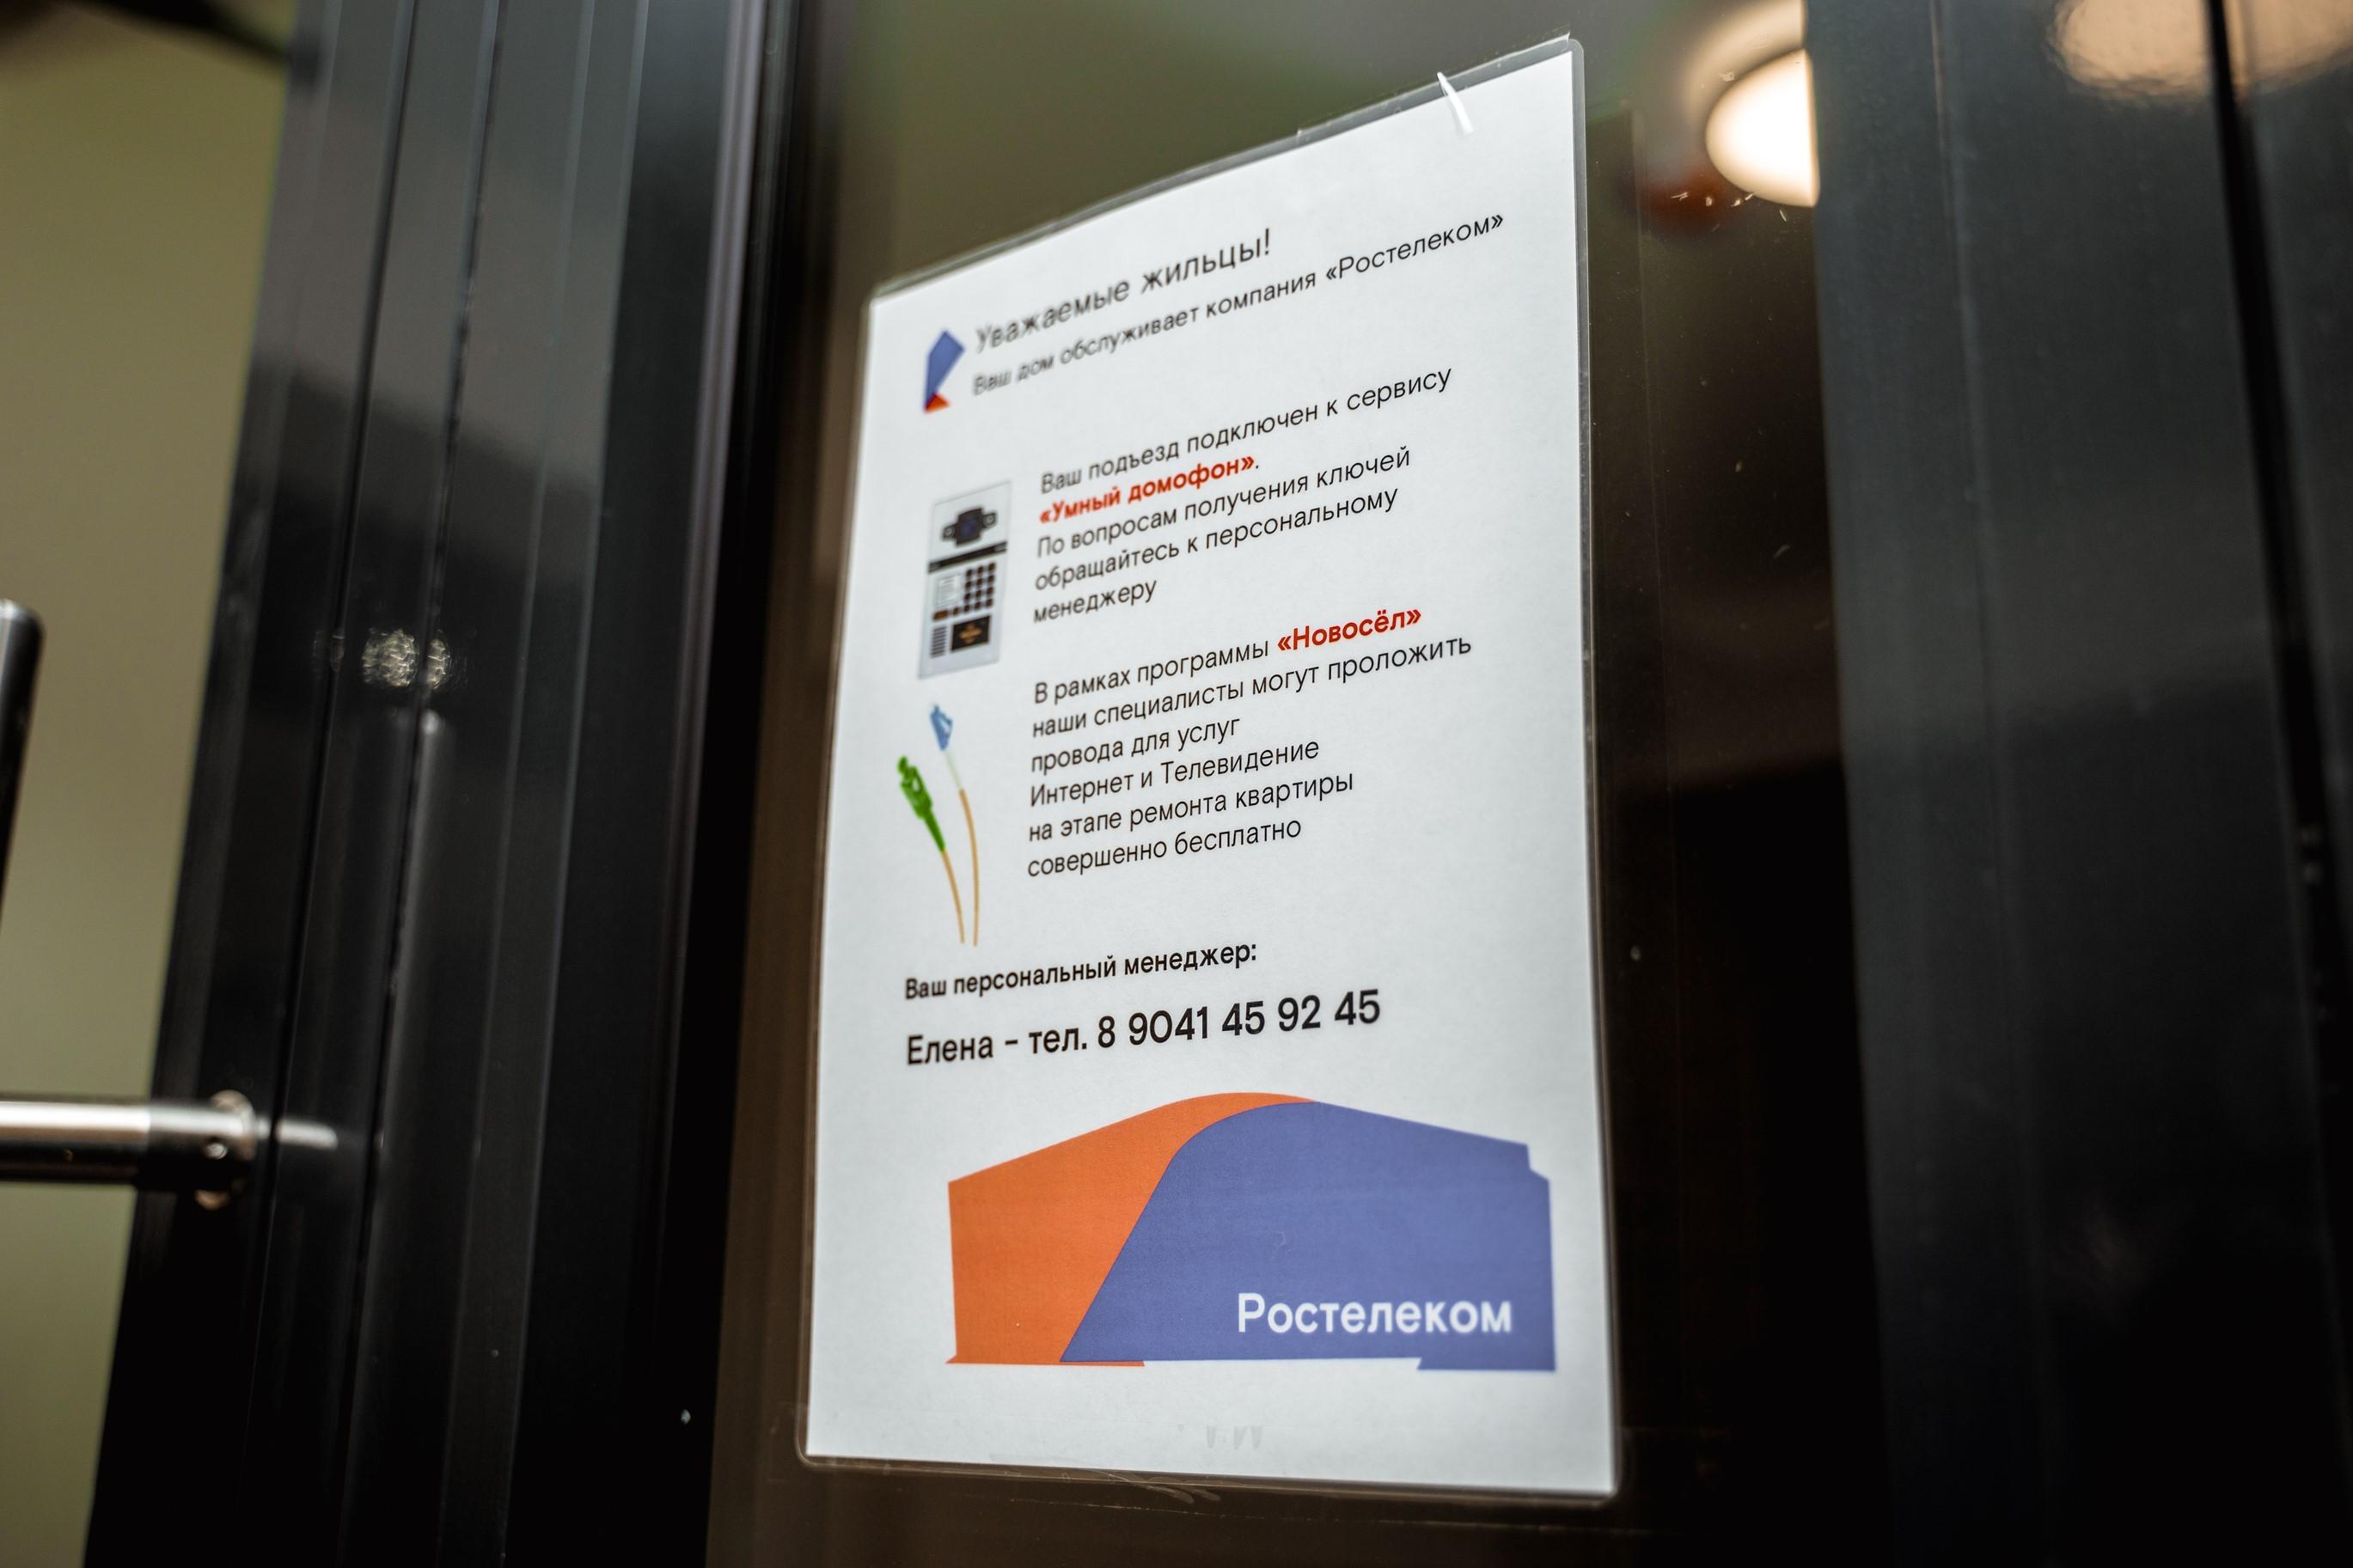 Иркутским застройщикам предлагается облачный сервис «Ростелеком Ключ»Иркутским застройщикам предлагается облачный сервис «Ростелеком Ключ»